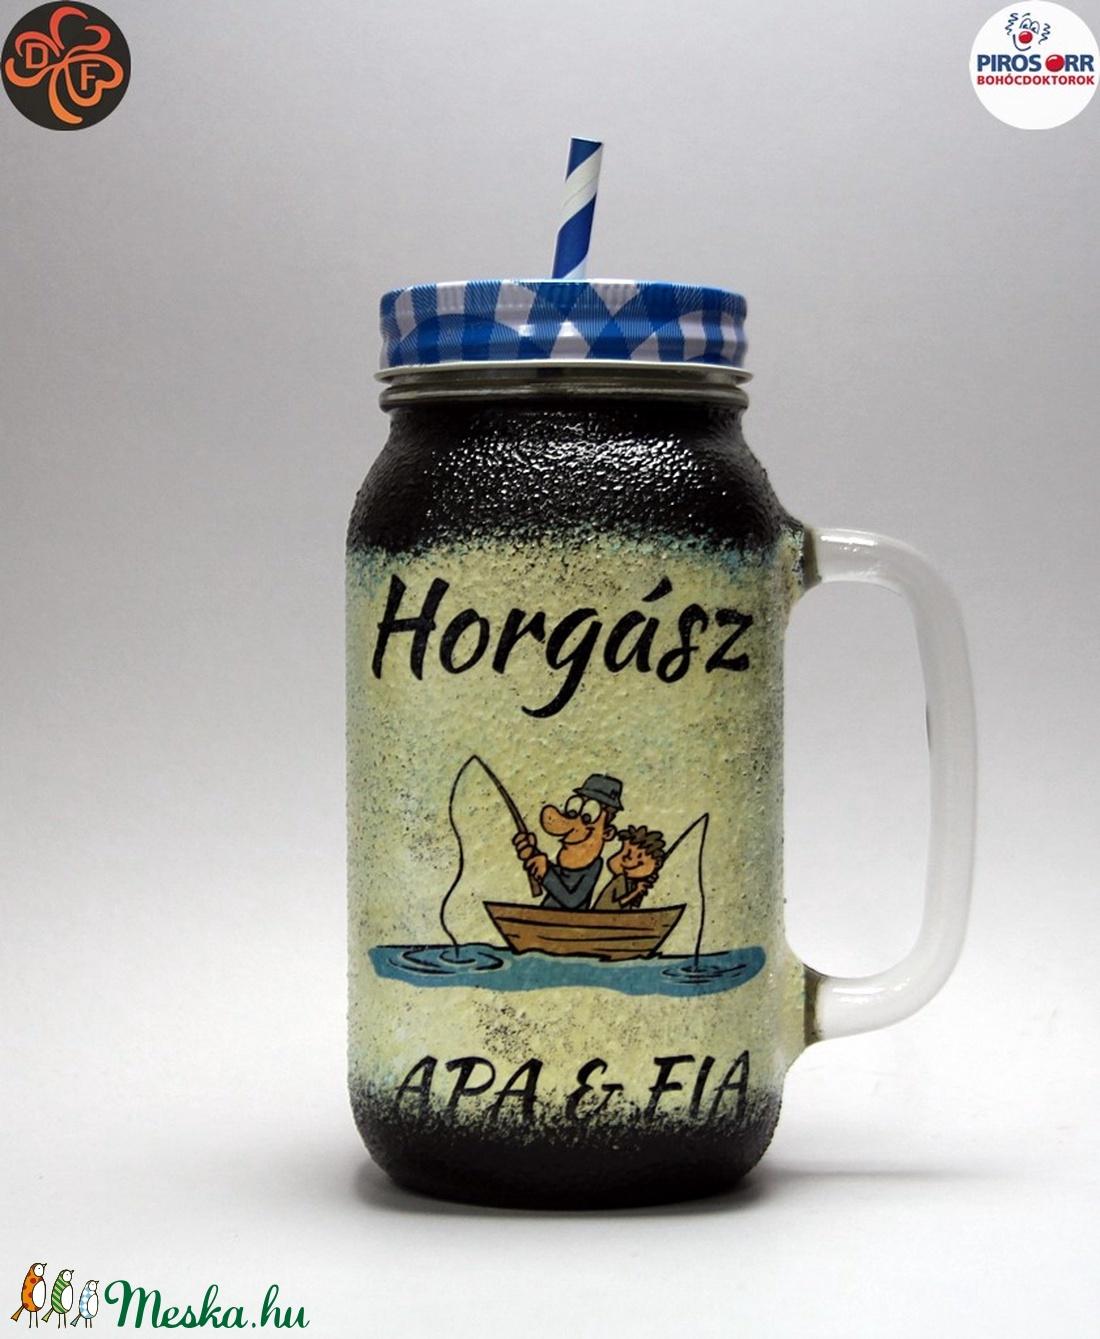 Horgász- humoros, egyedi motívummal díszített-szívószálas pohár.  A horgászat szerelmeseinek. .  - Meska.hu